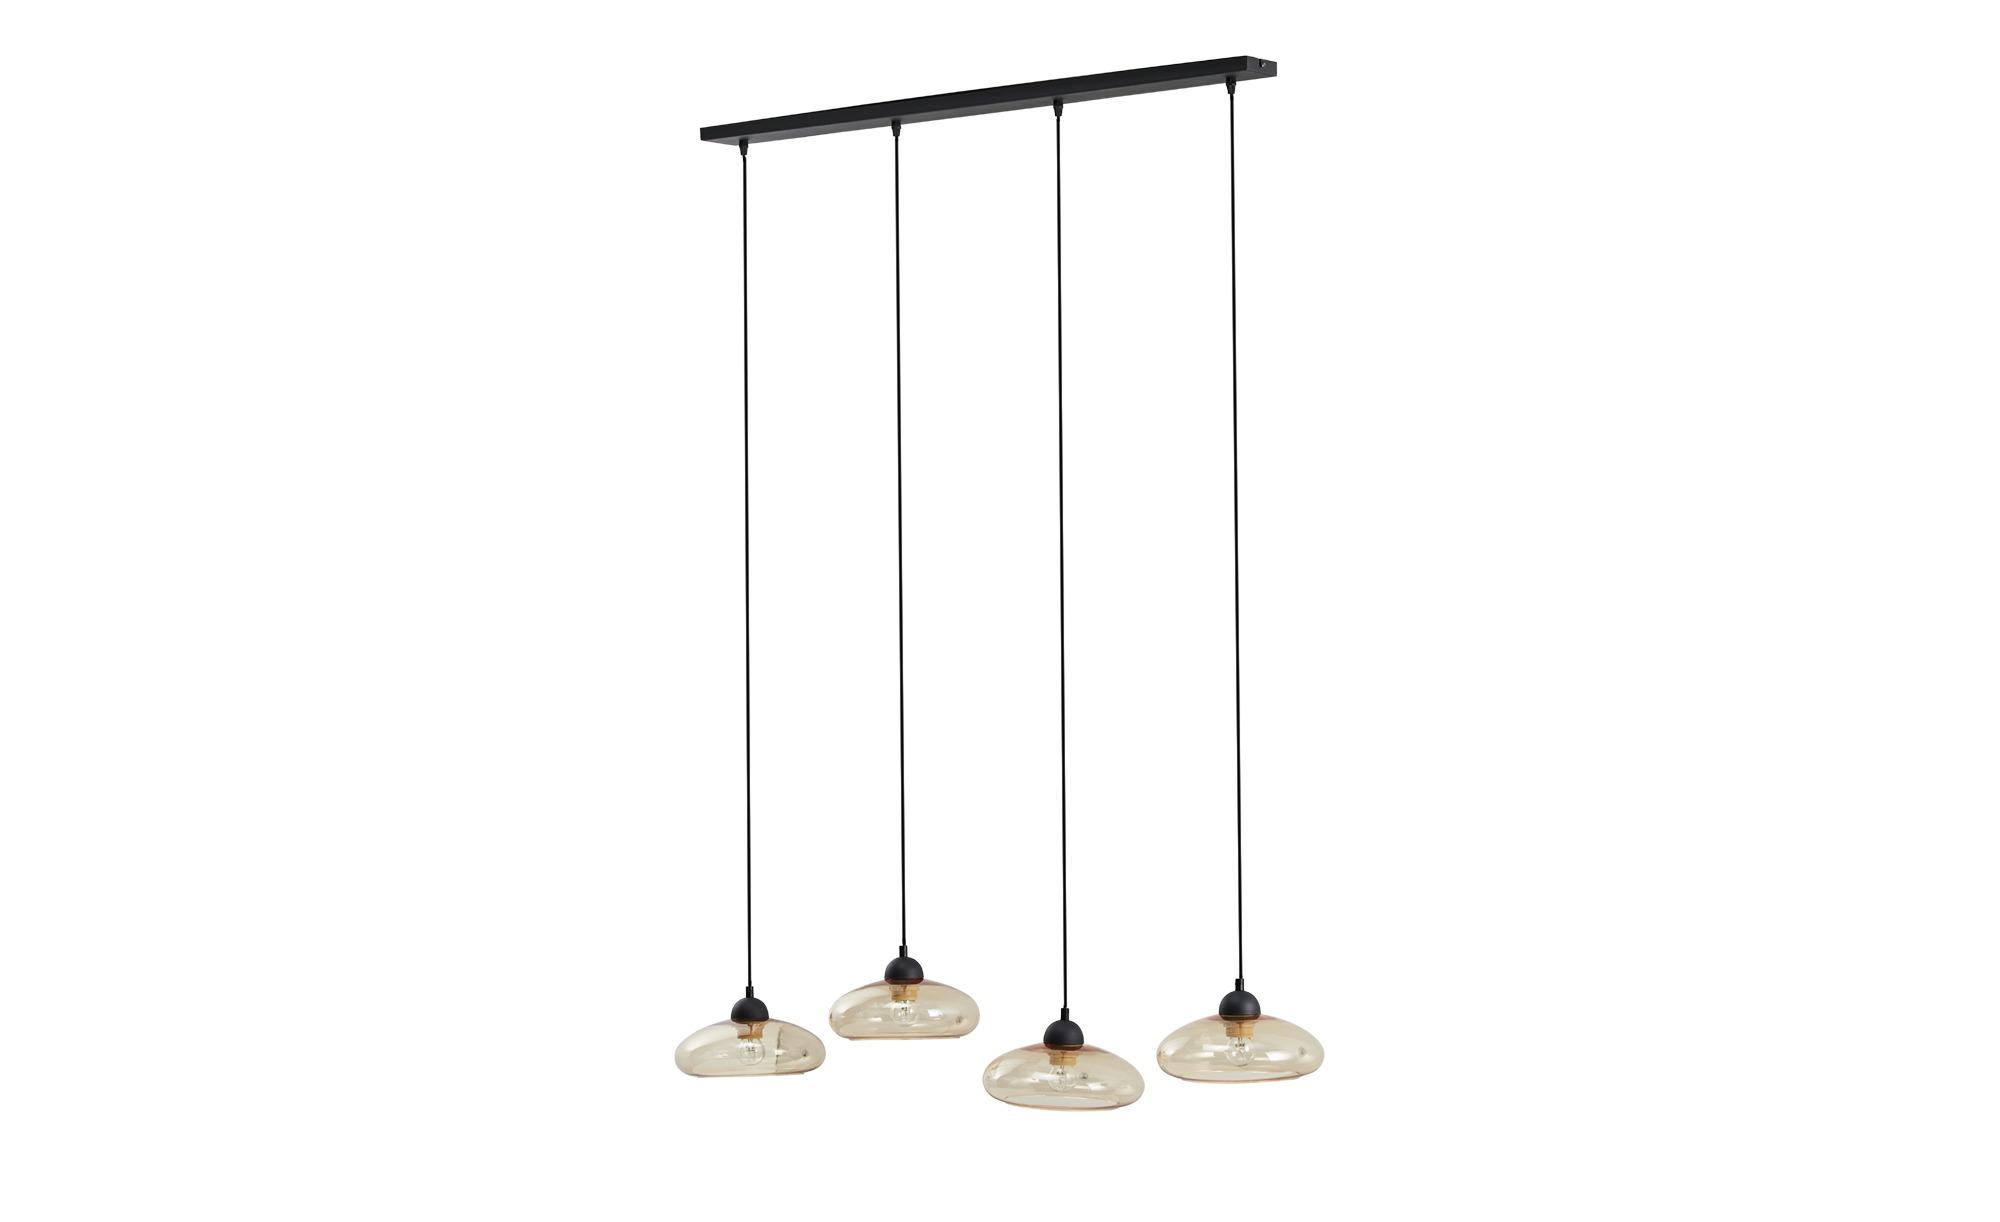 Pendelleuchte, 4-flammig, schwarz/Glas bernsteinfarben ¦ schwarz ¦ Maße (cm): B: 120 H: 100 T: 10 Lampen & Leuchten > Innenleuchten > Pendelleuchten - Höffner